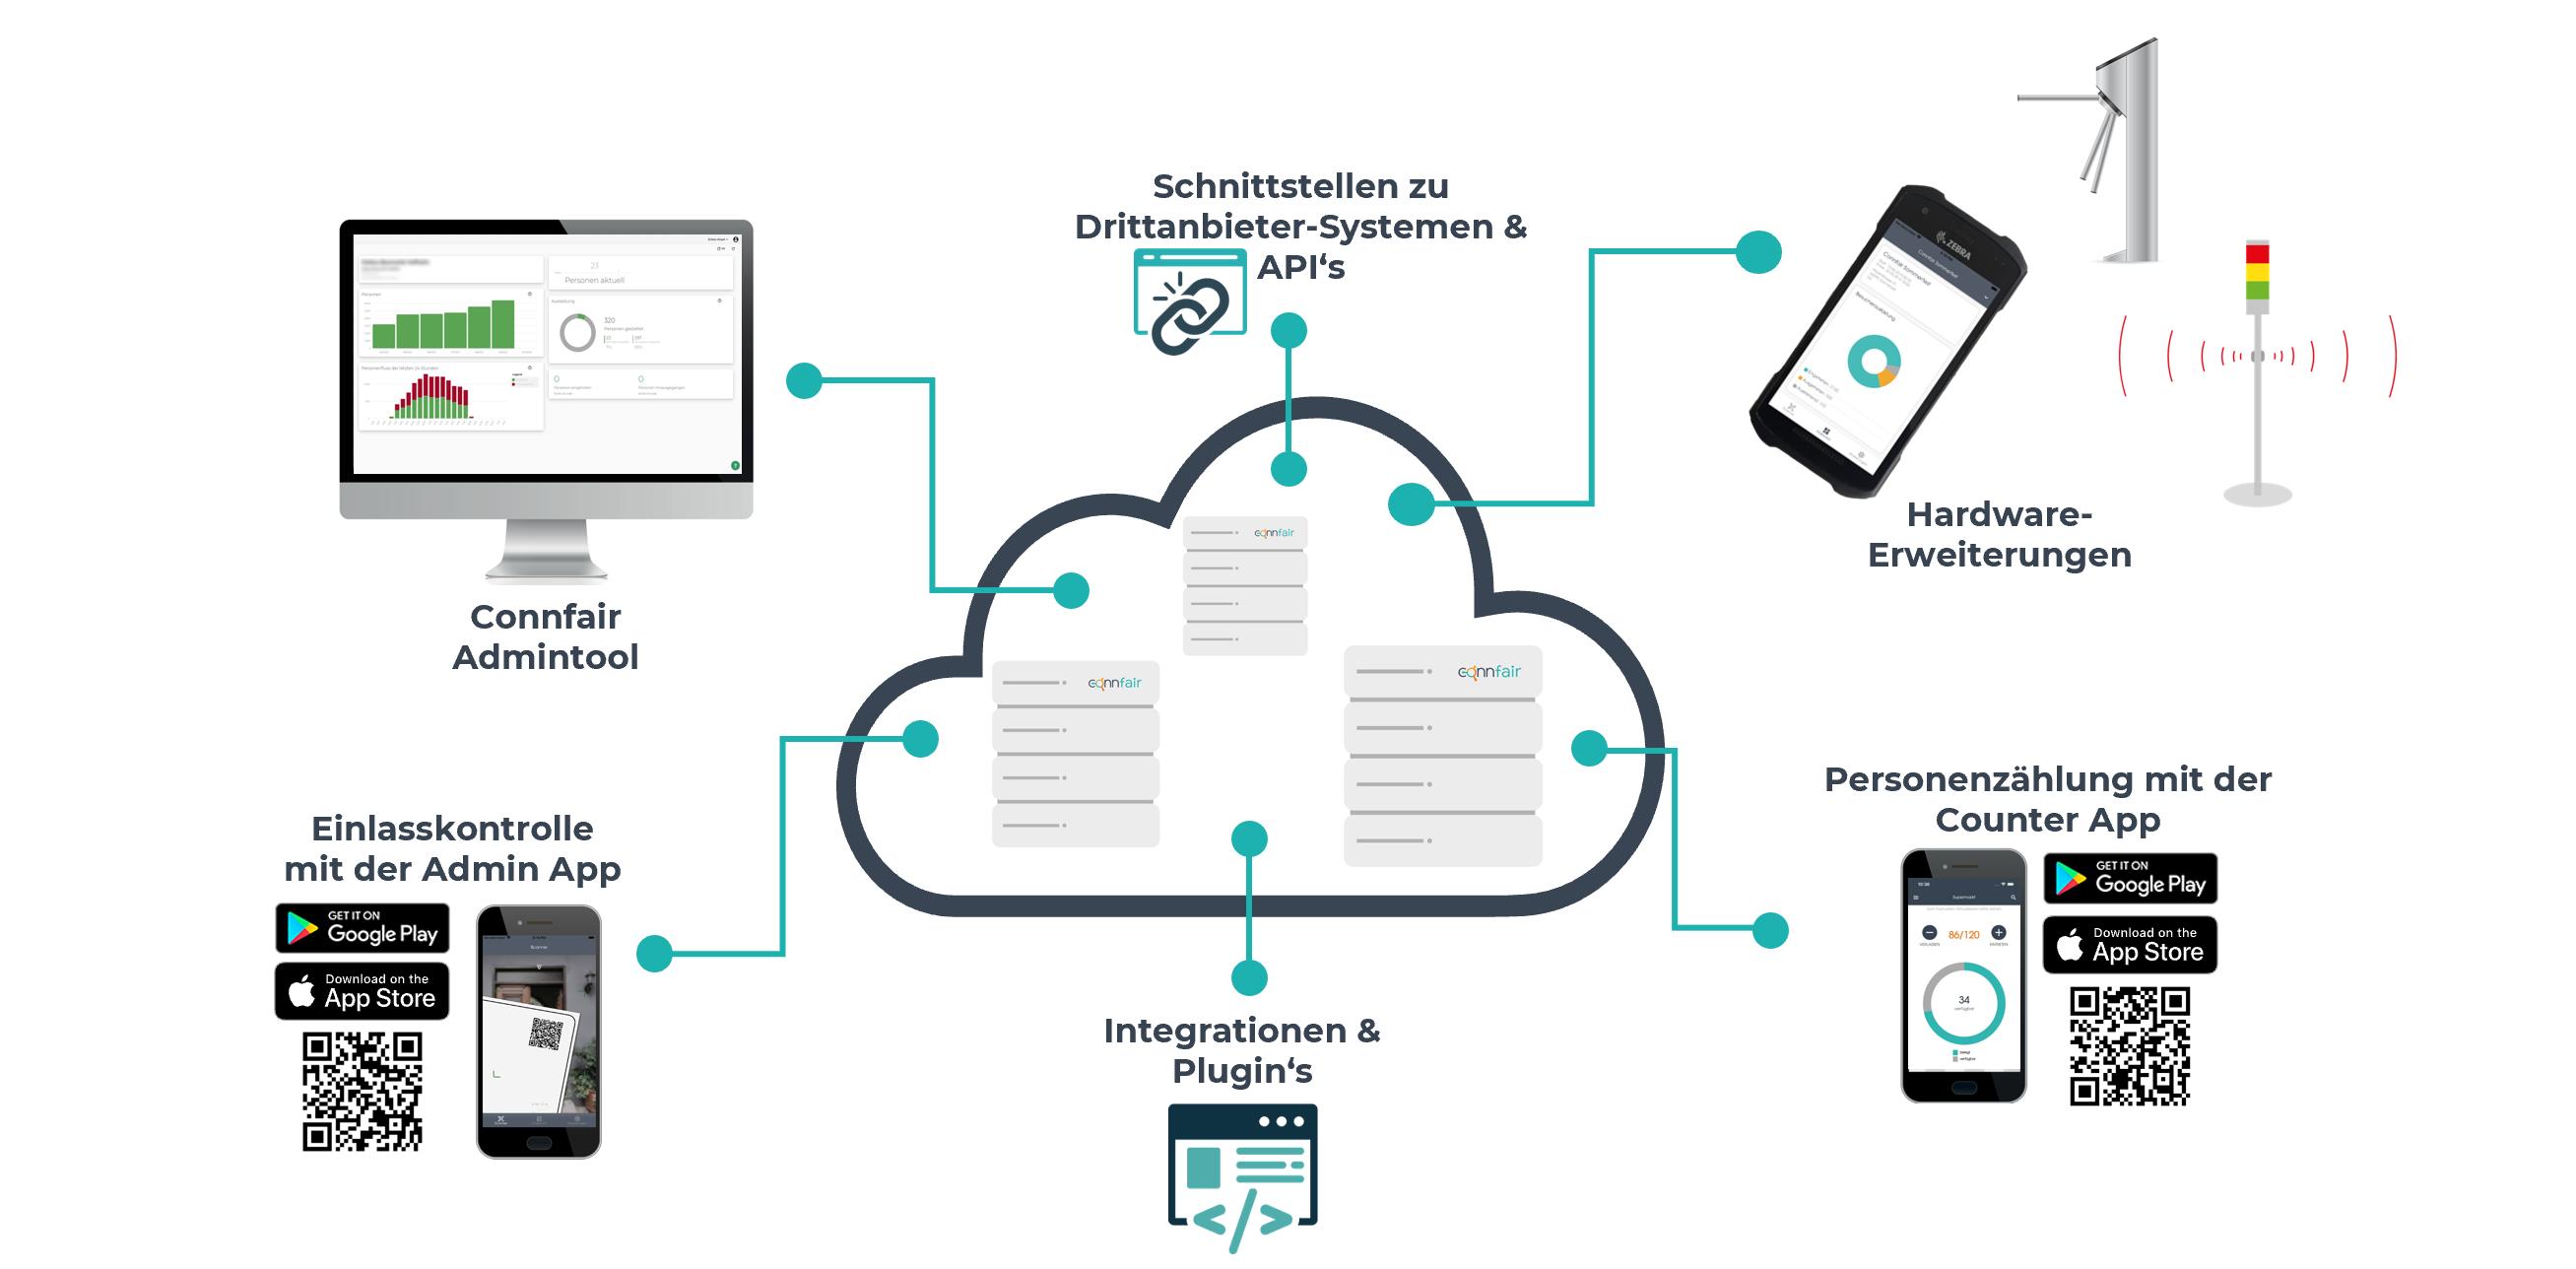 Ein Überblick über das digitale System von Connfair, um den Einlass von Events zu managen: Einlass mit der Admin App oder dem Drehkreuz, Personenzählung mit der Counter App, Statistiken und die aktuelle Auslastung